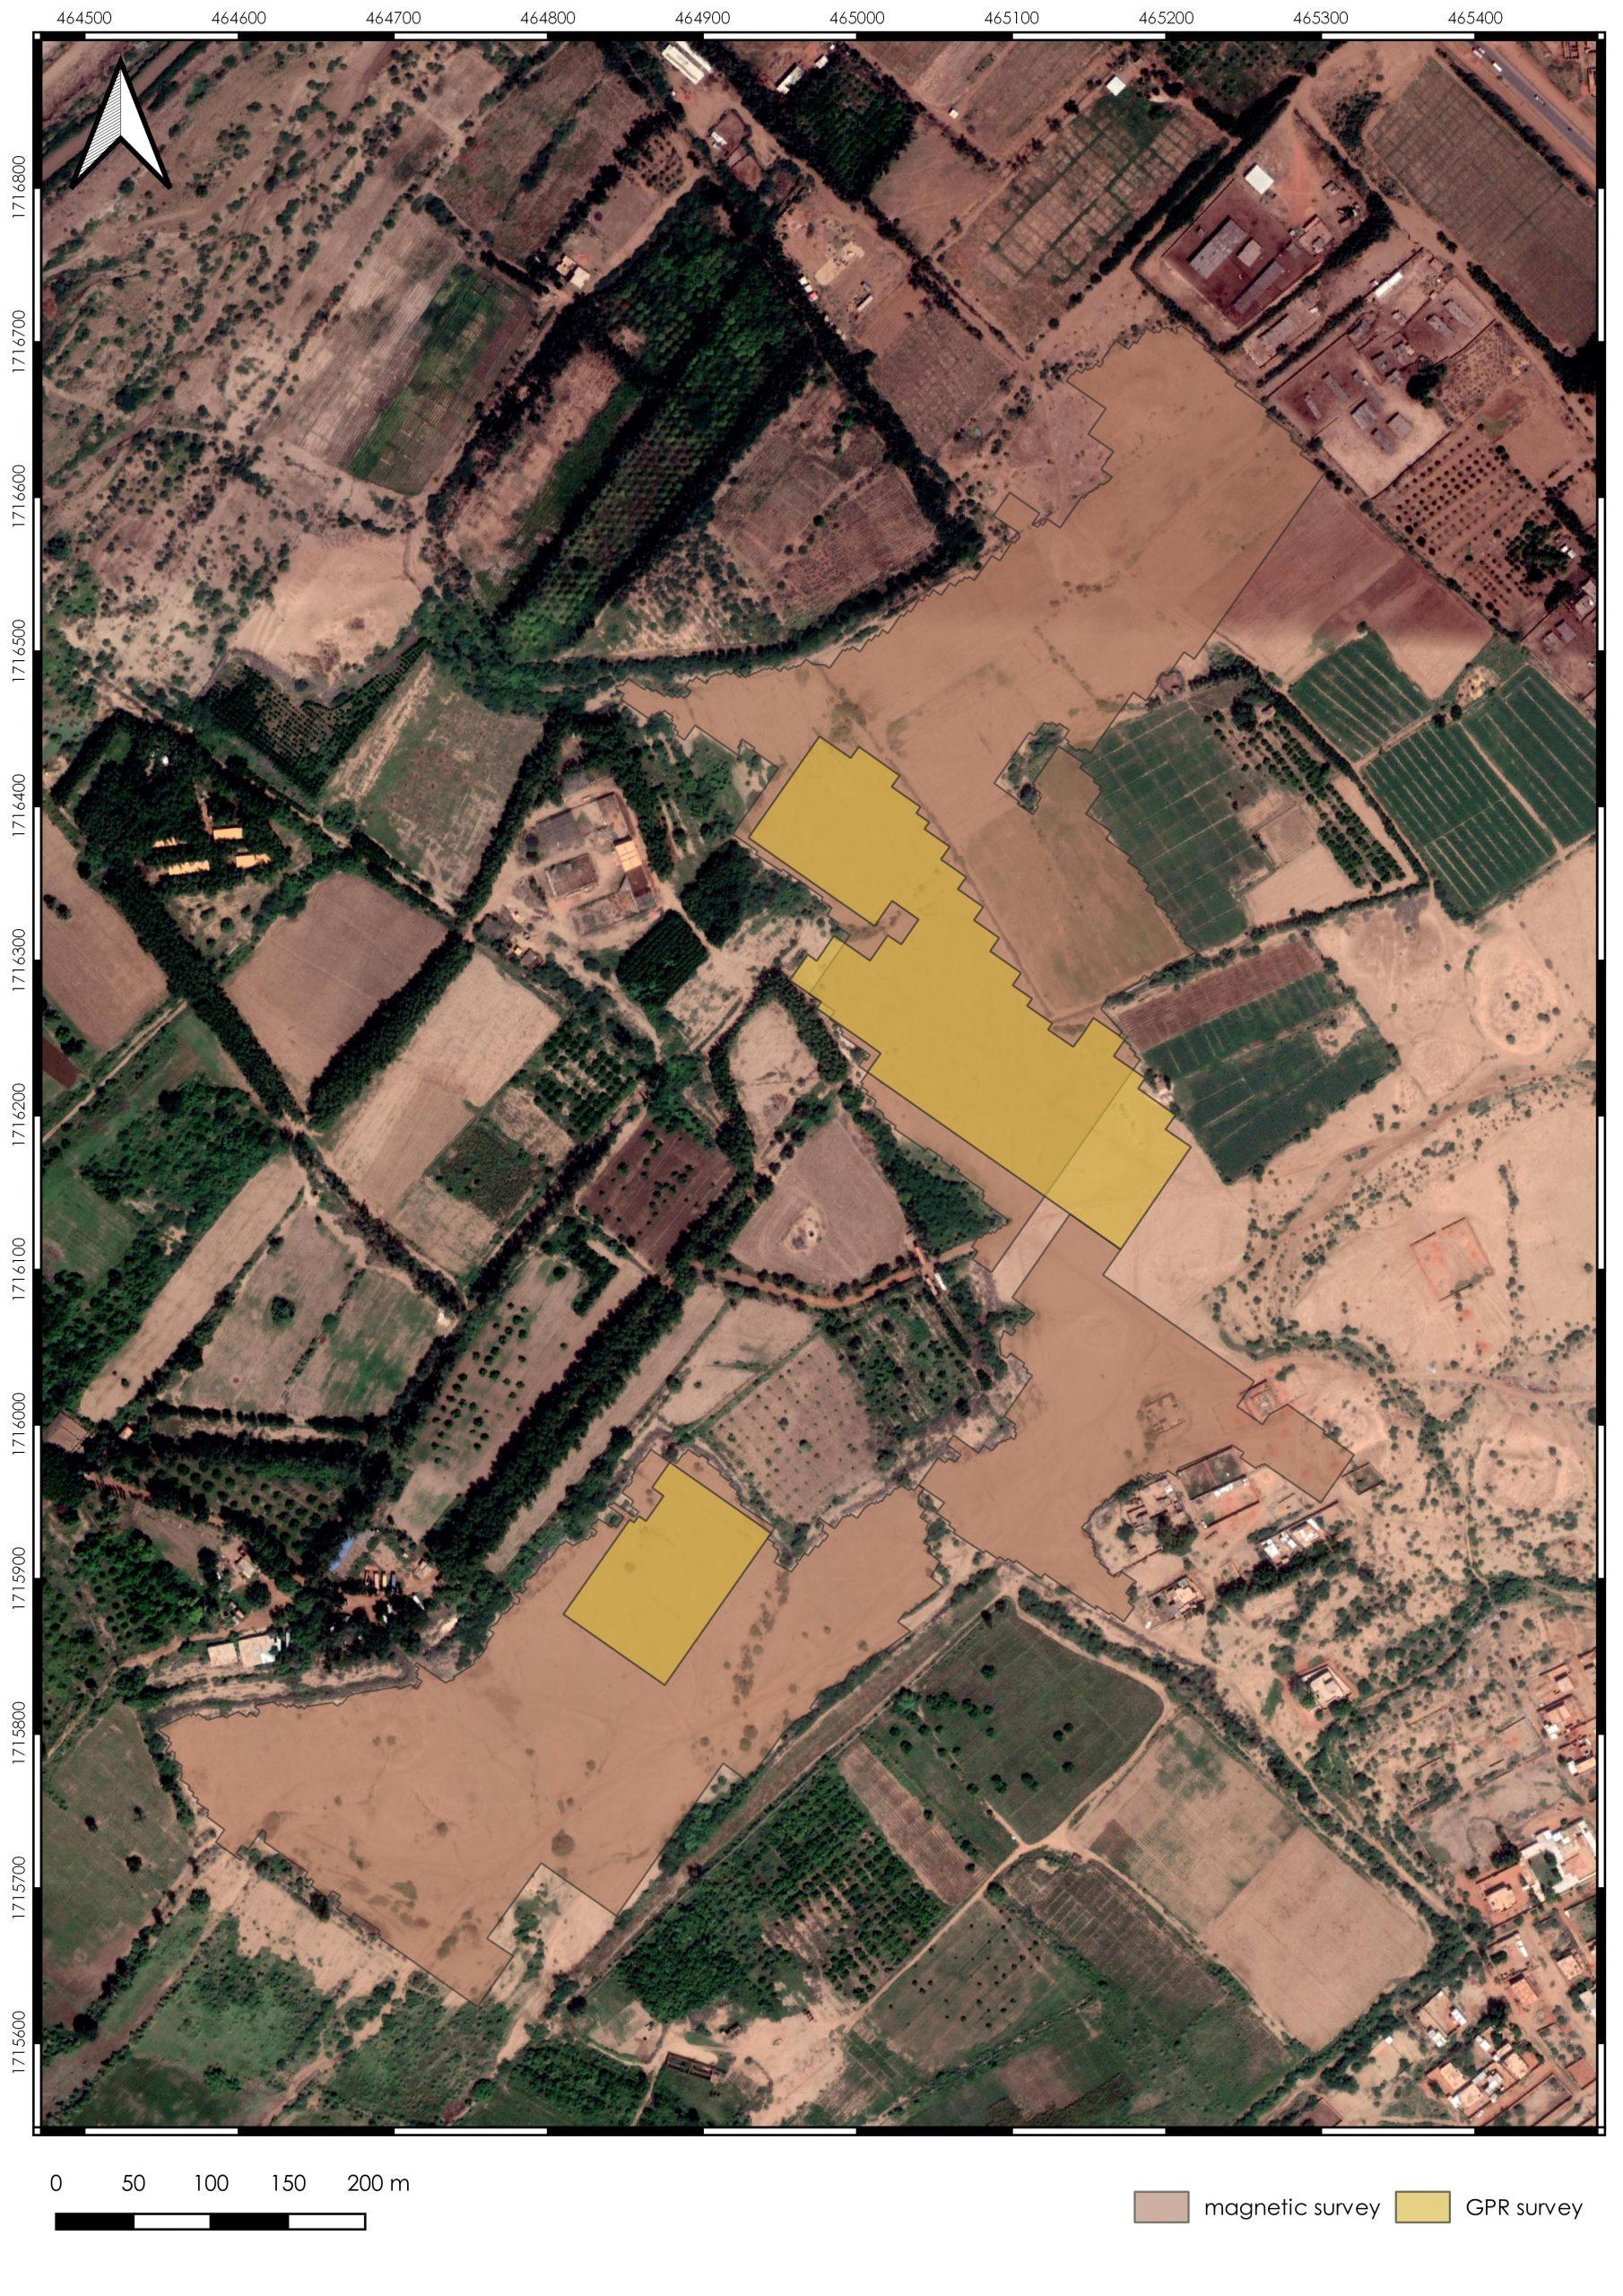 il. 2. Lokalizacja badań geofizycznych w Soba; jasnoczerwony – metoda magnetyczna, żółty – metoda georadarowa (opr. R. Ryndziewicz)